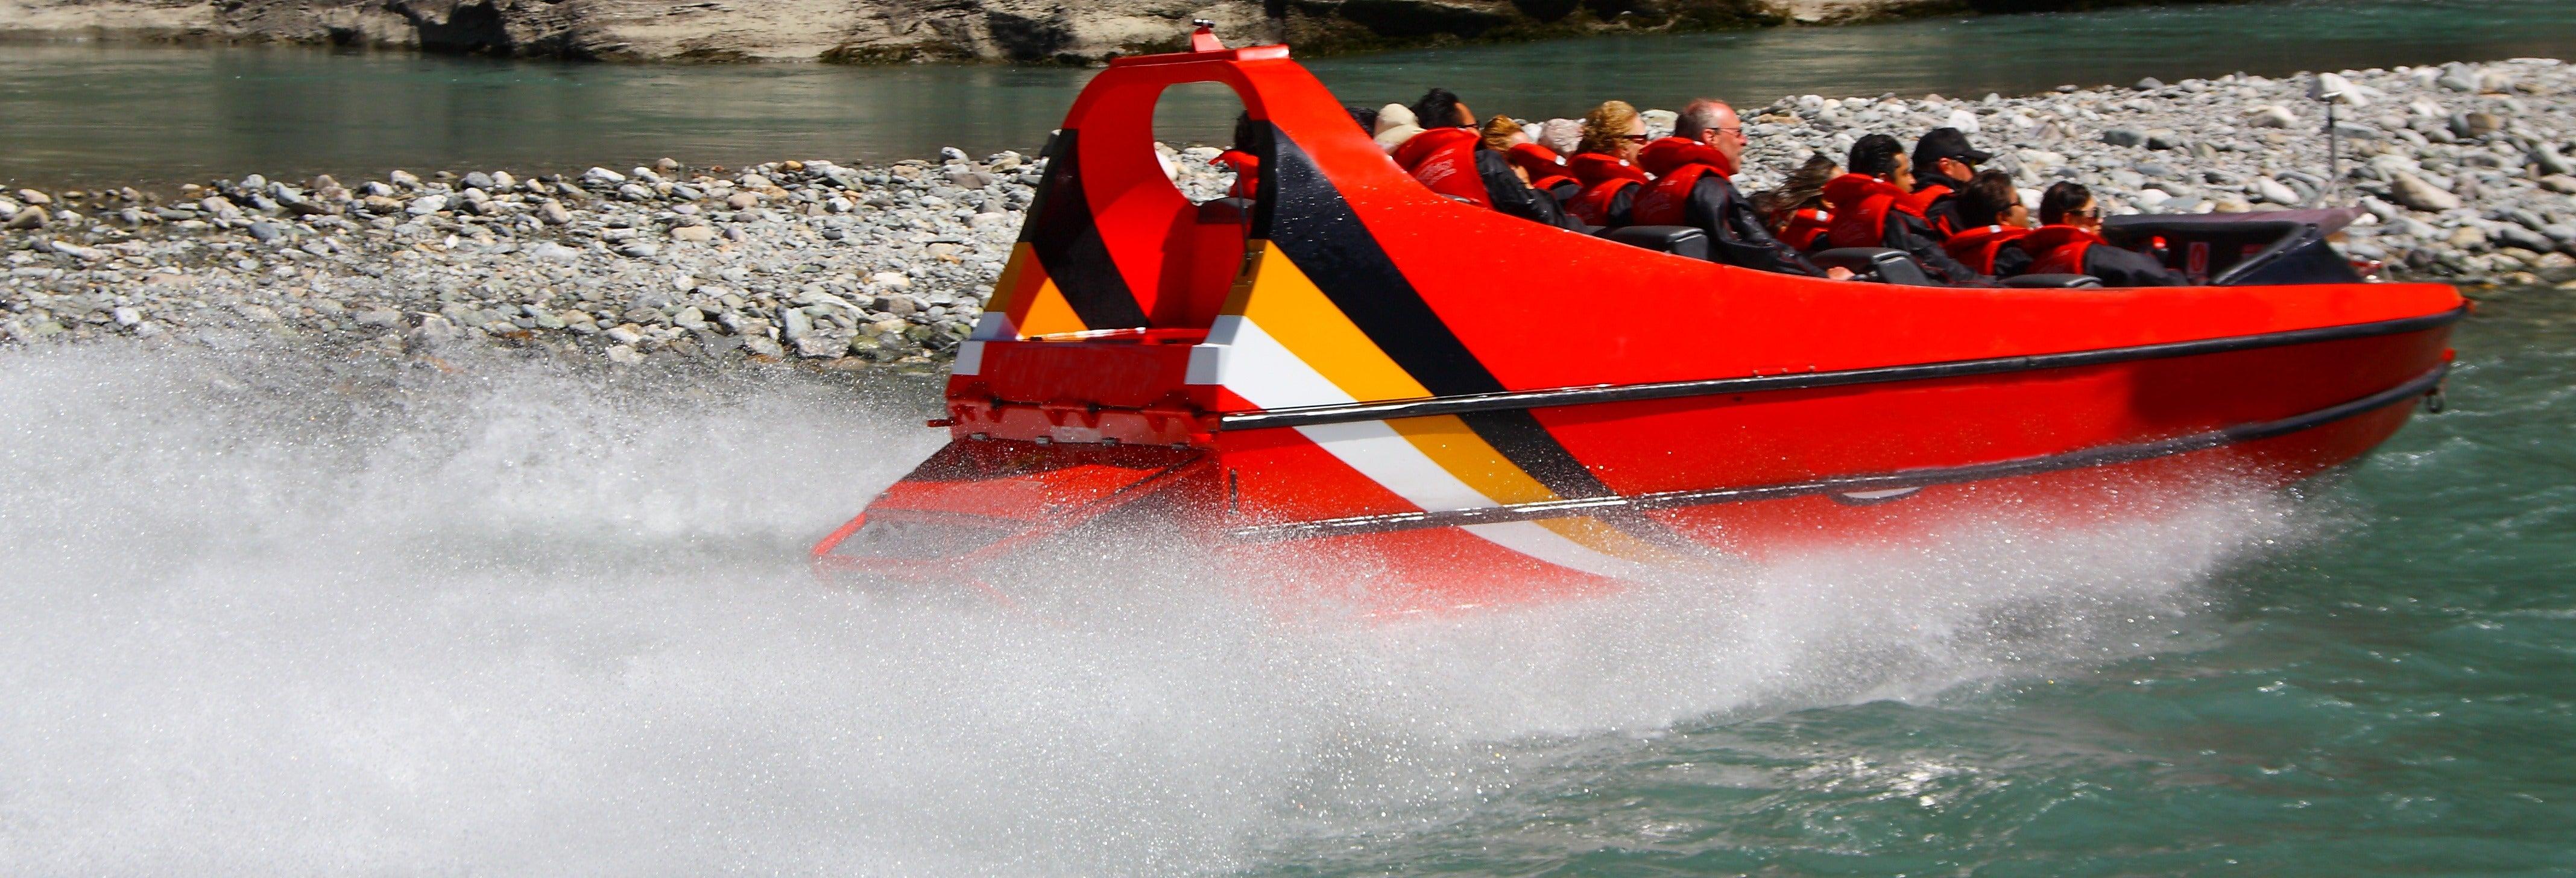 Experiencia Jet Boat en Oporto